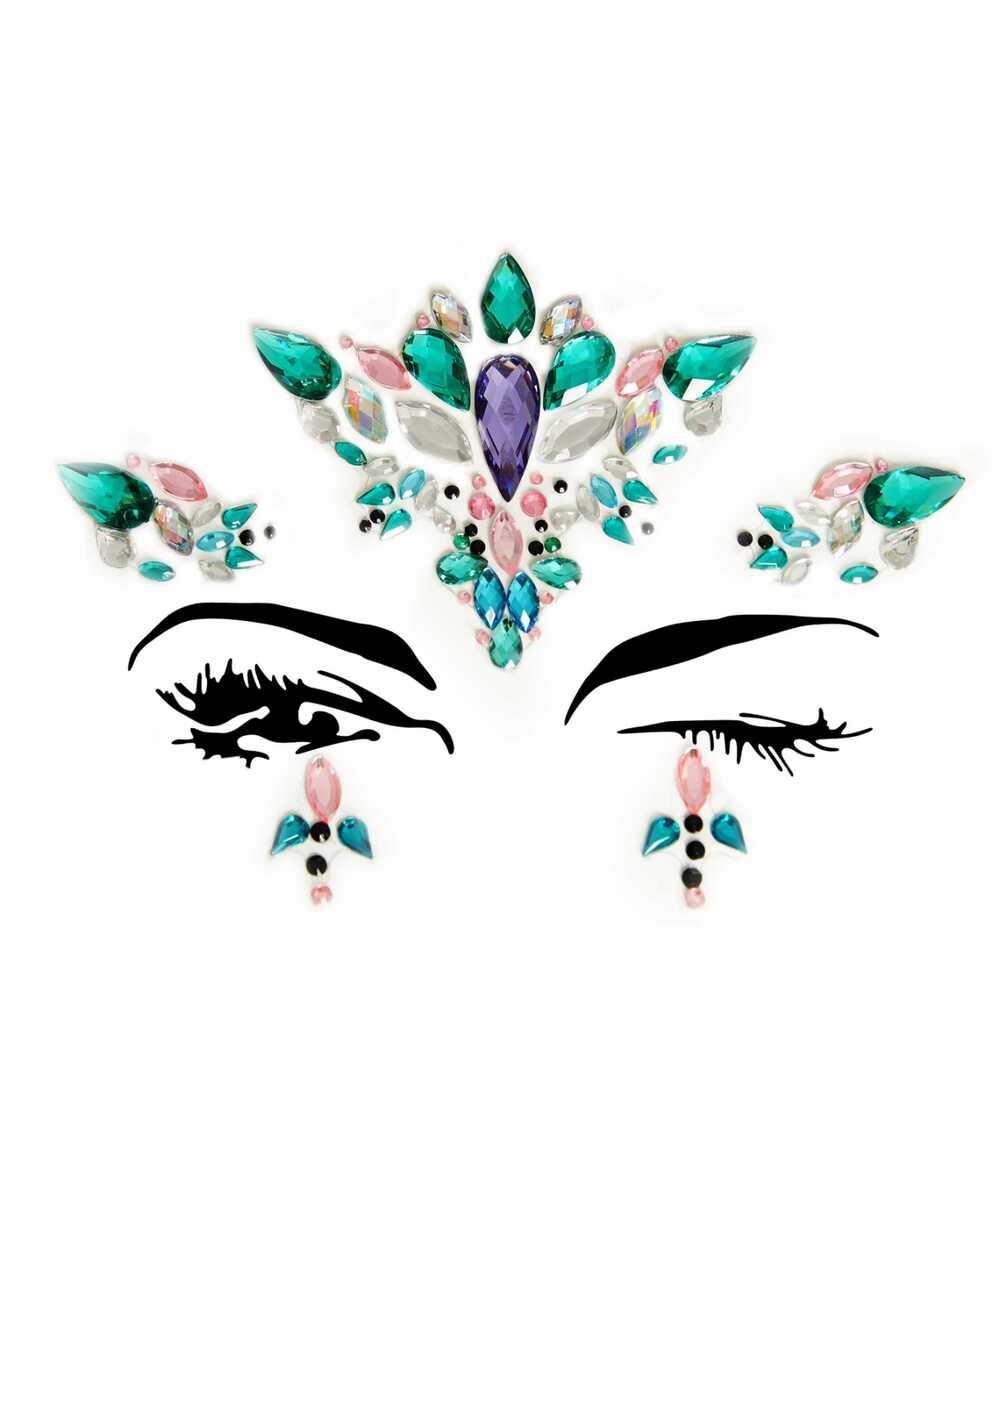 Afbeelding1 Artikel: Face jewels met groen en paars Variant: 1988 Parent: 930 Datum: 30/08/2019 22:19:02